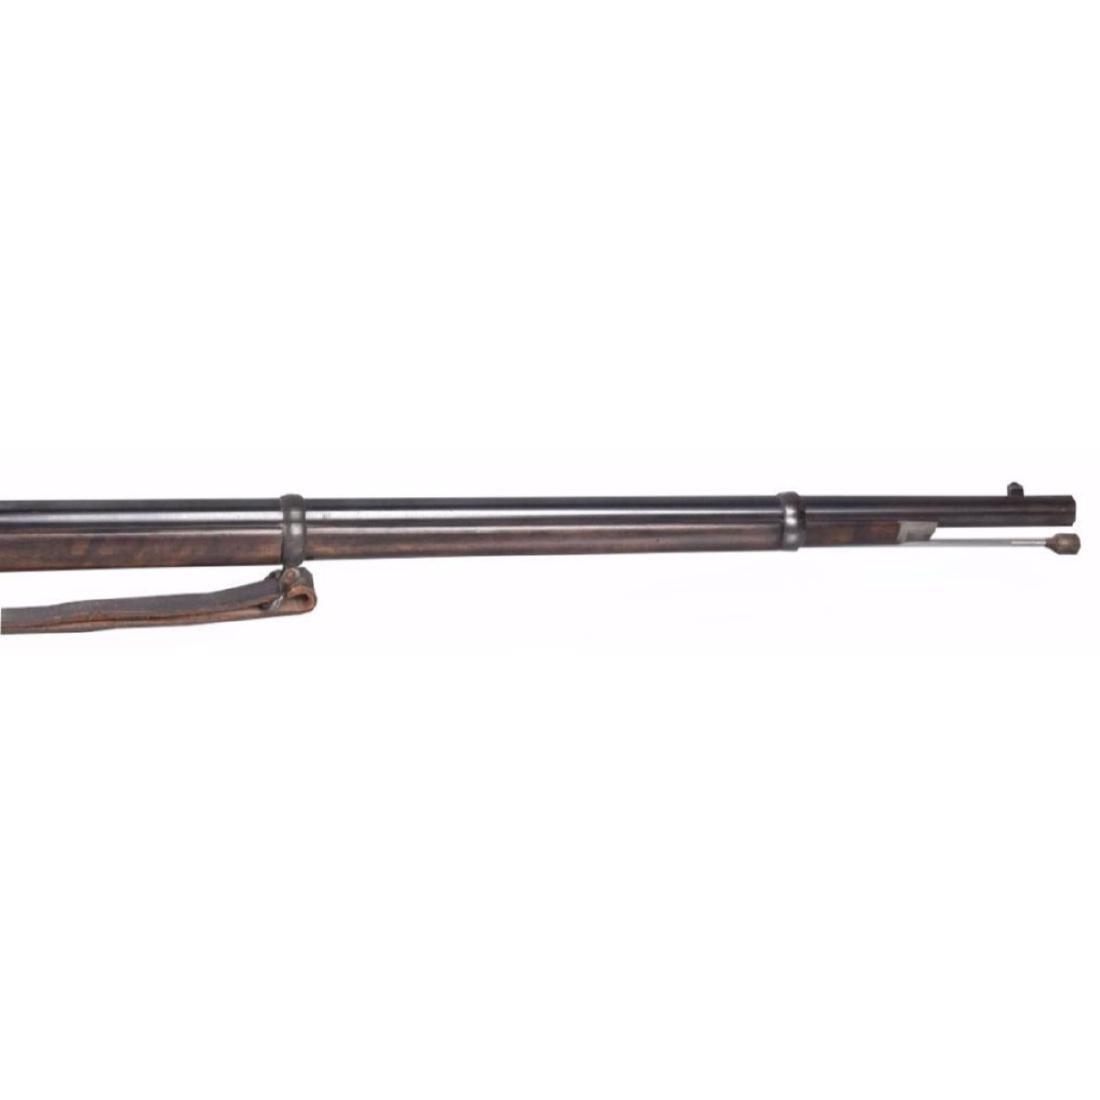 Colt Model 1863 .58 Caliber Rifle - 8